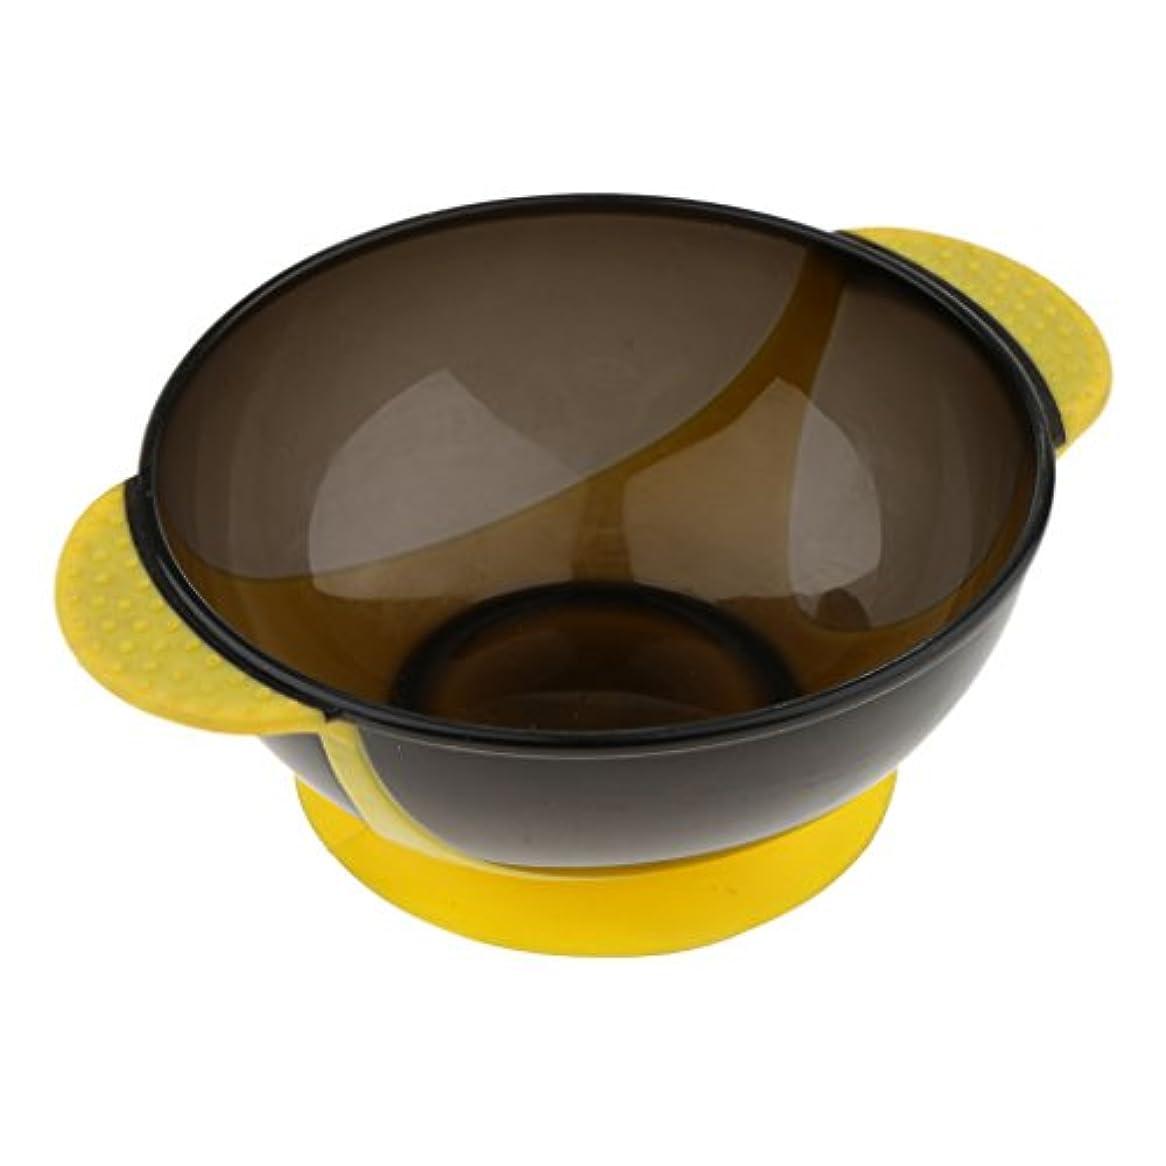 ルート雰囲気取り組むヘアダイボウル プラスチック製 サロン 髪染め ミントボウル 着色ツール 吸引ベース 3色選べる - 黄